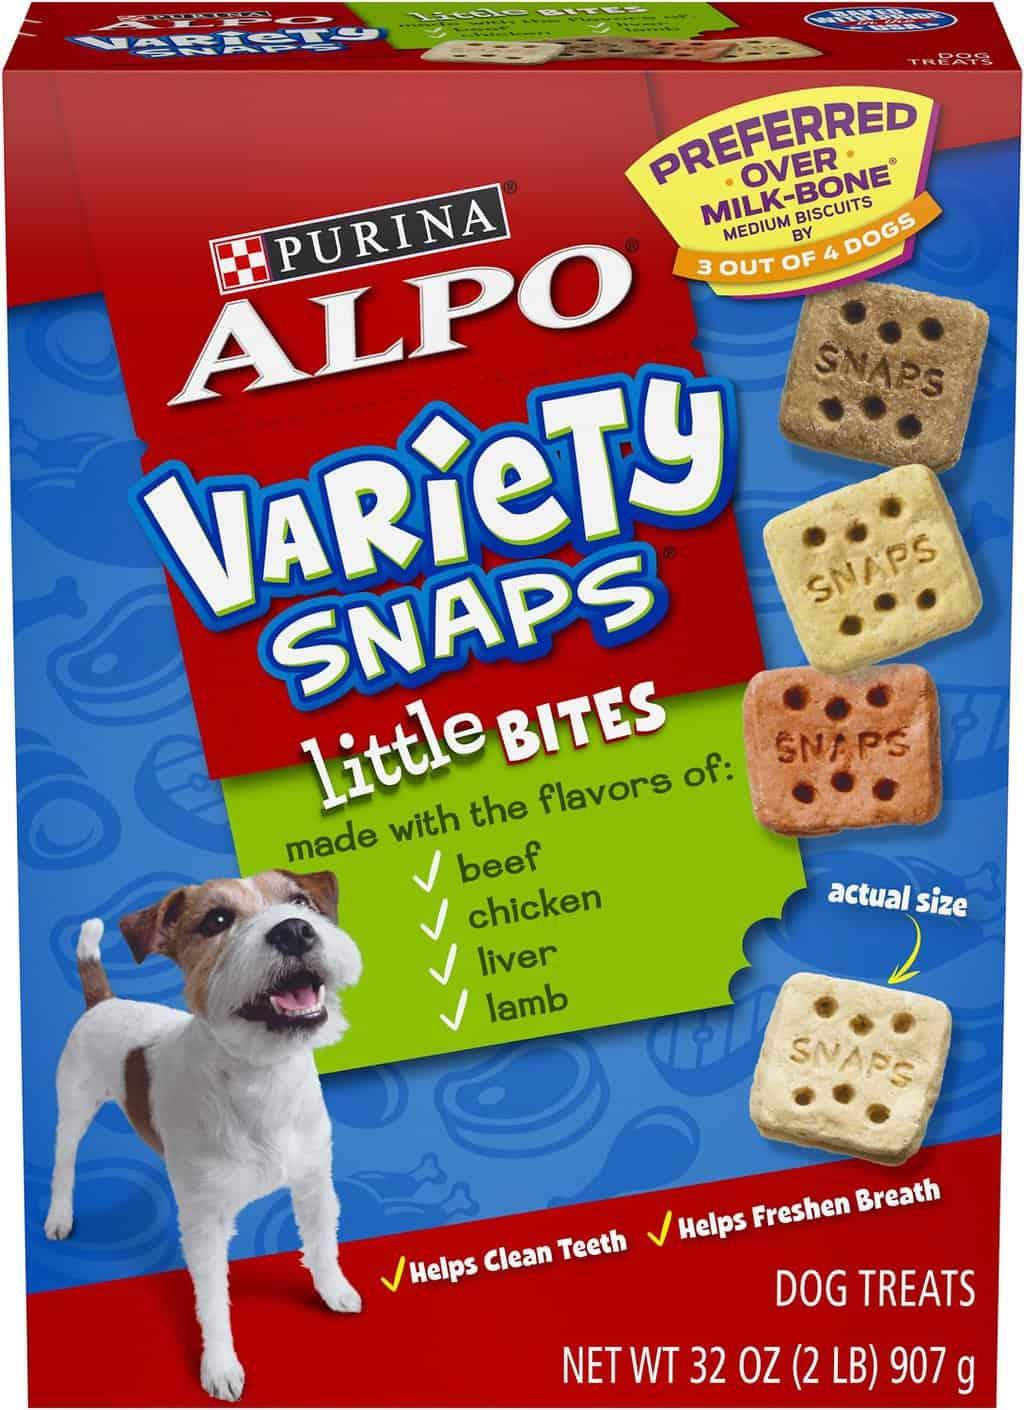 Alpo Dog Food: 2020 Review, Recalls & Coupons 16